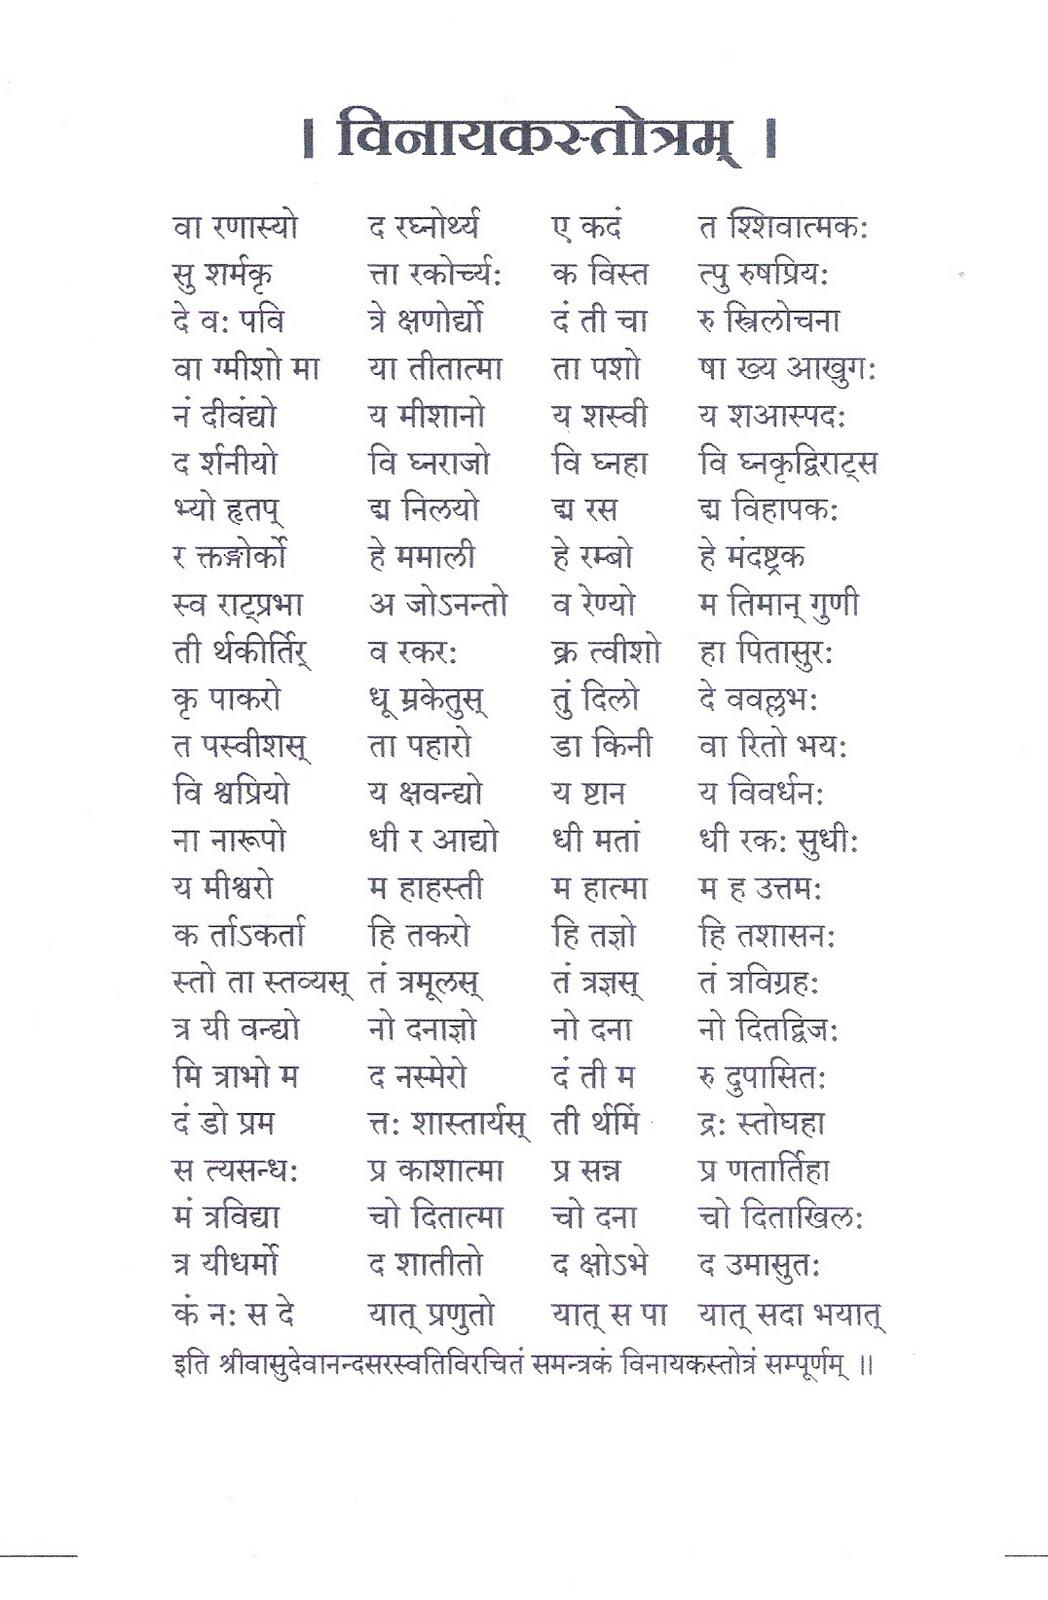 durga kavach in sanskrit pdf